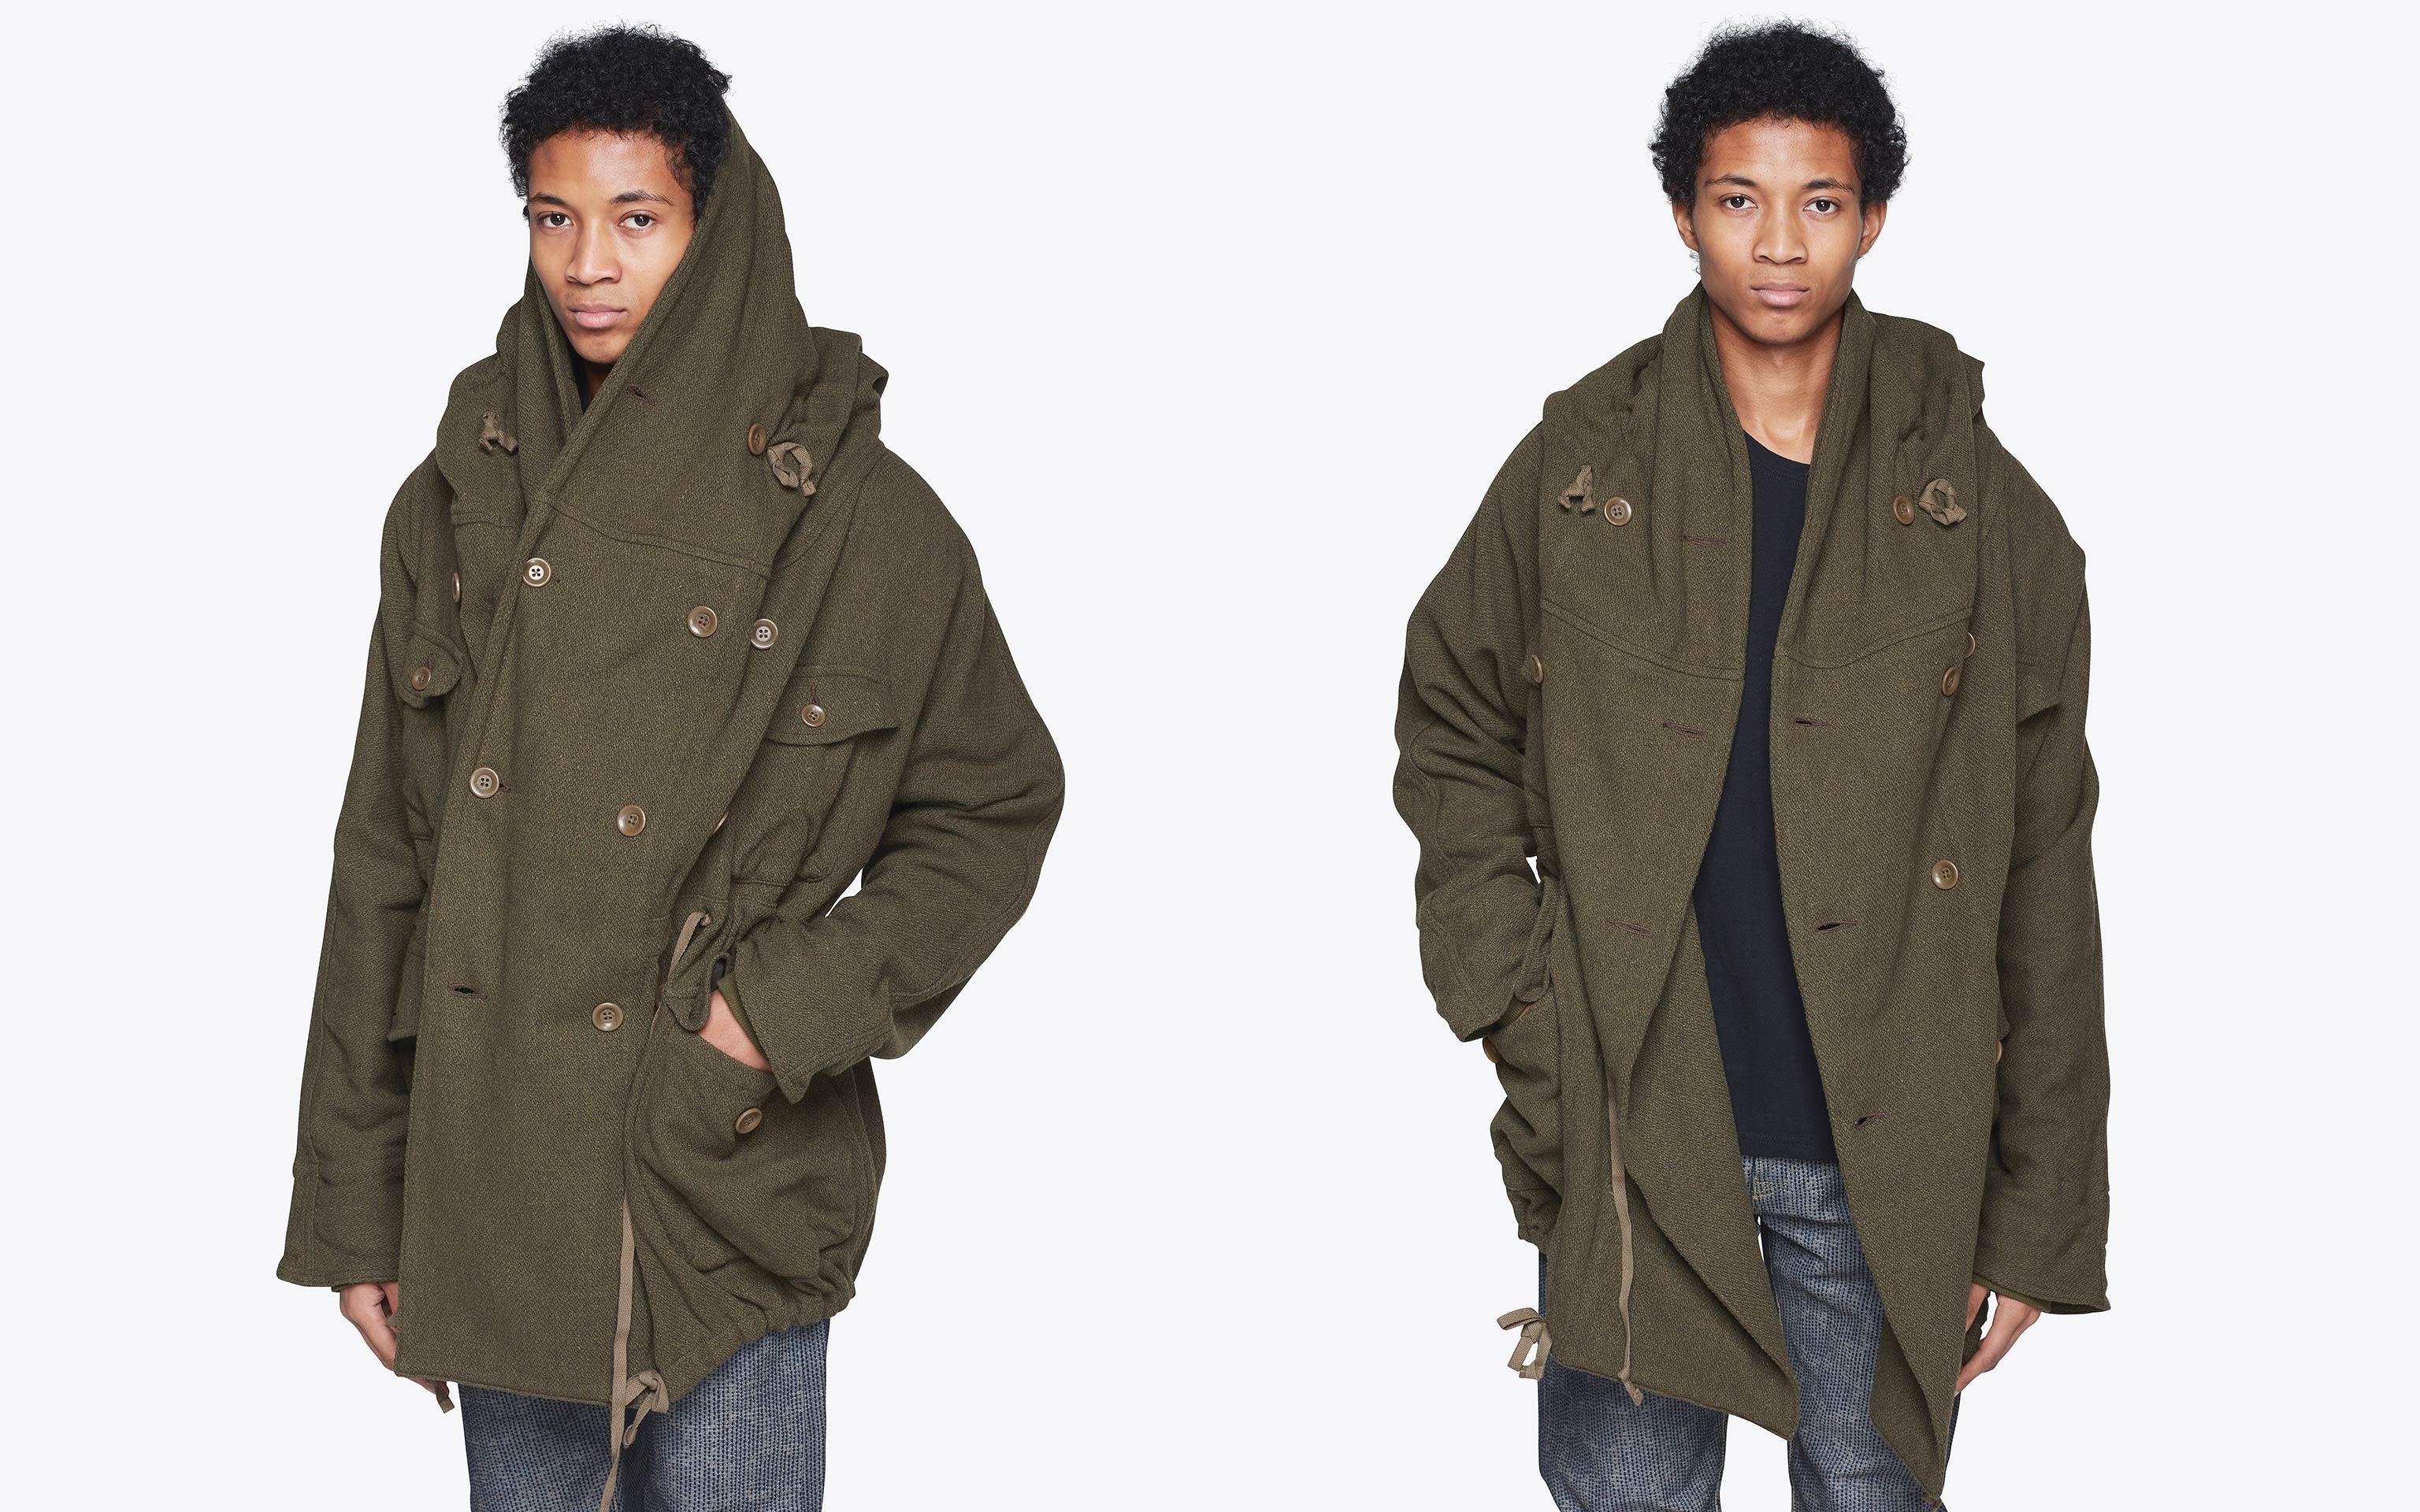 e-commerce menswear streetwear photography